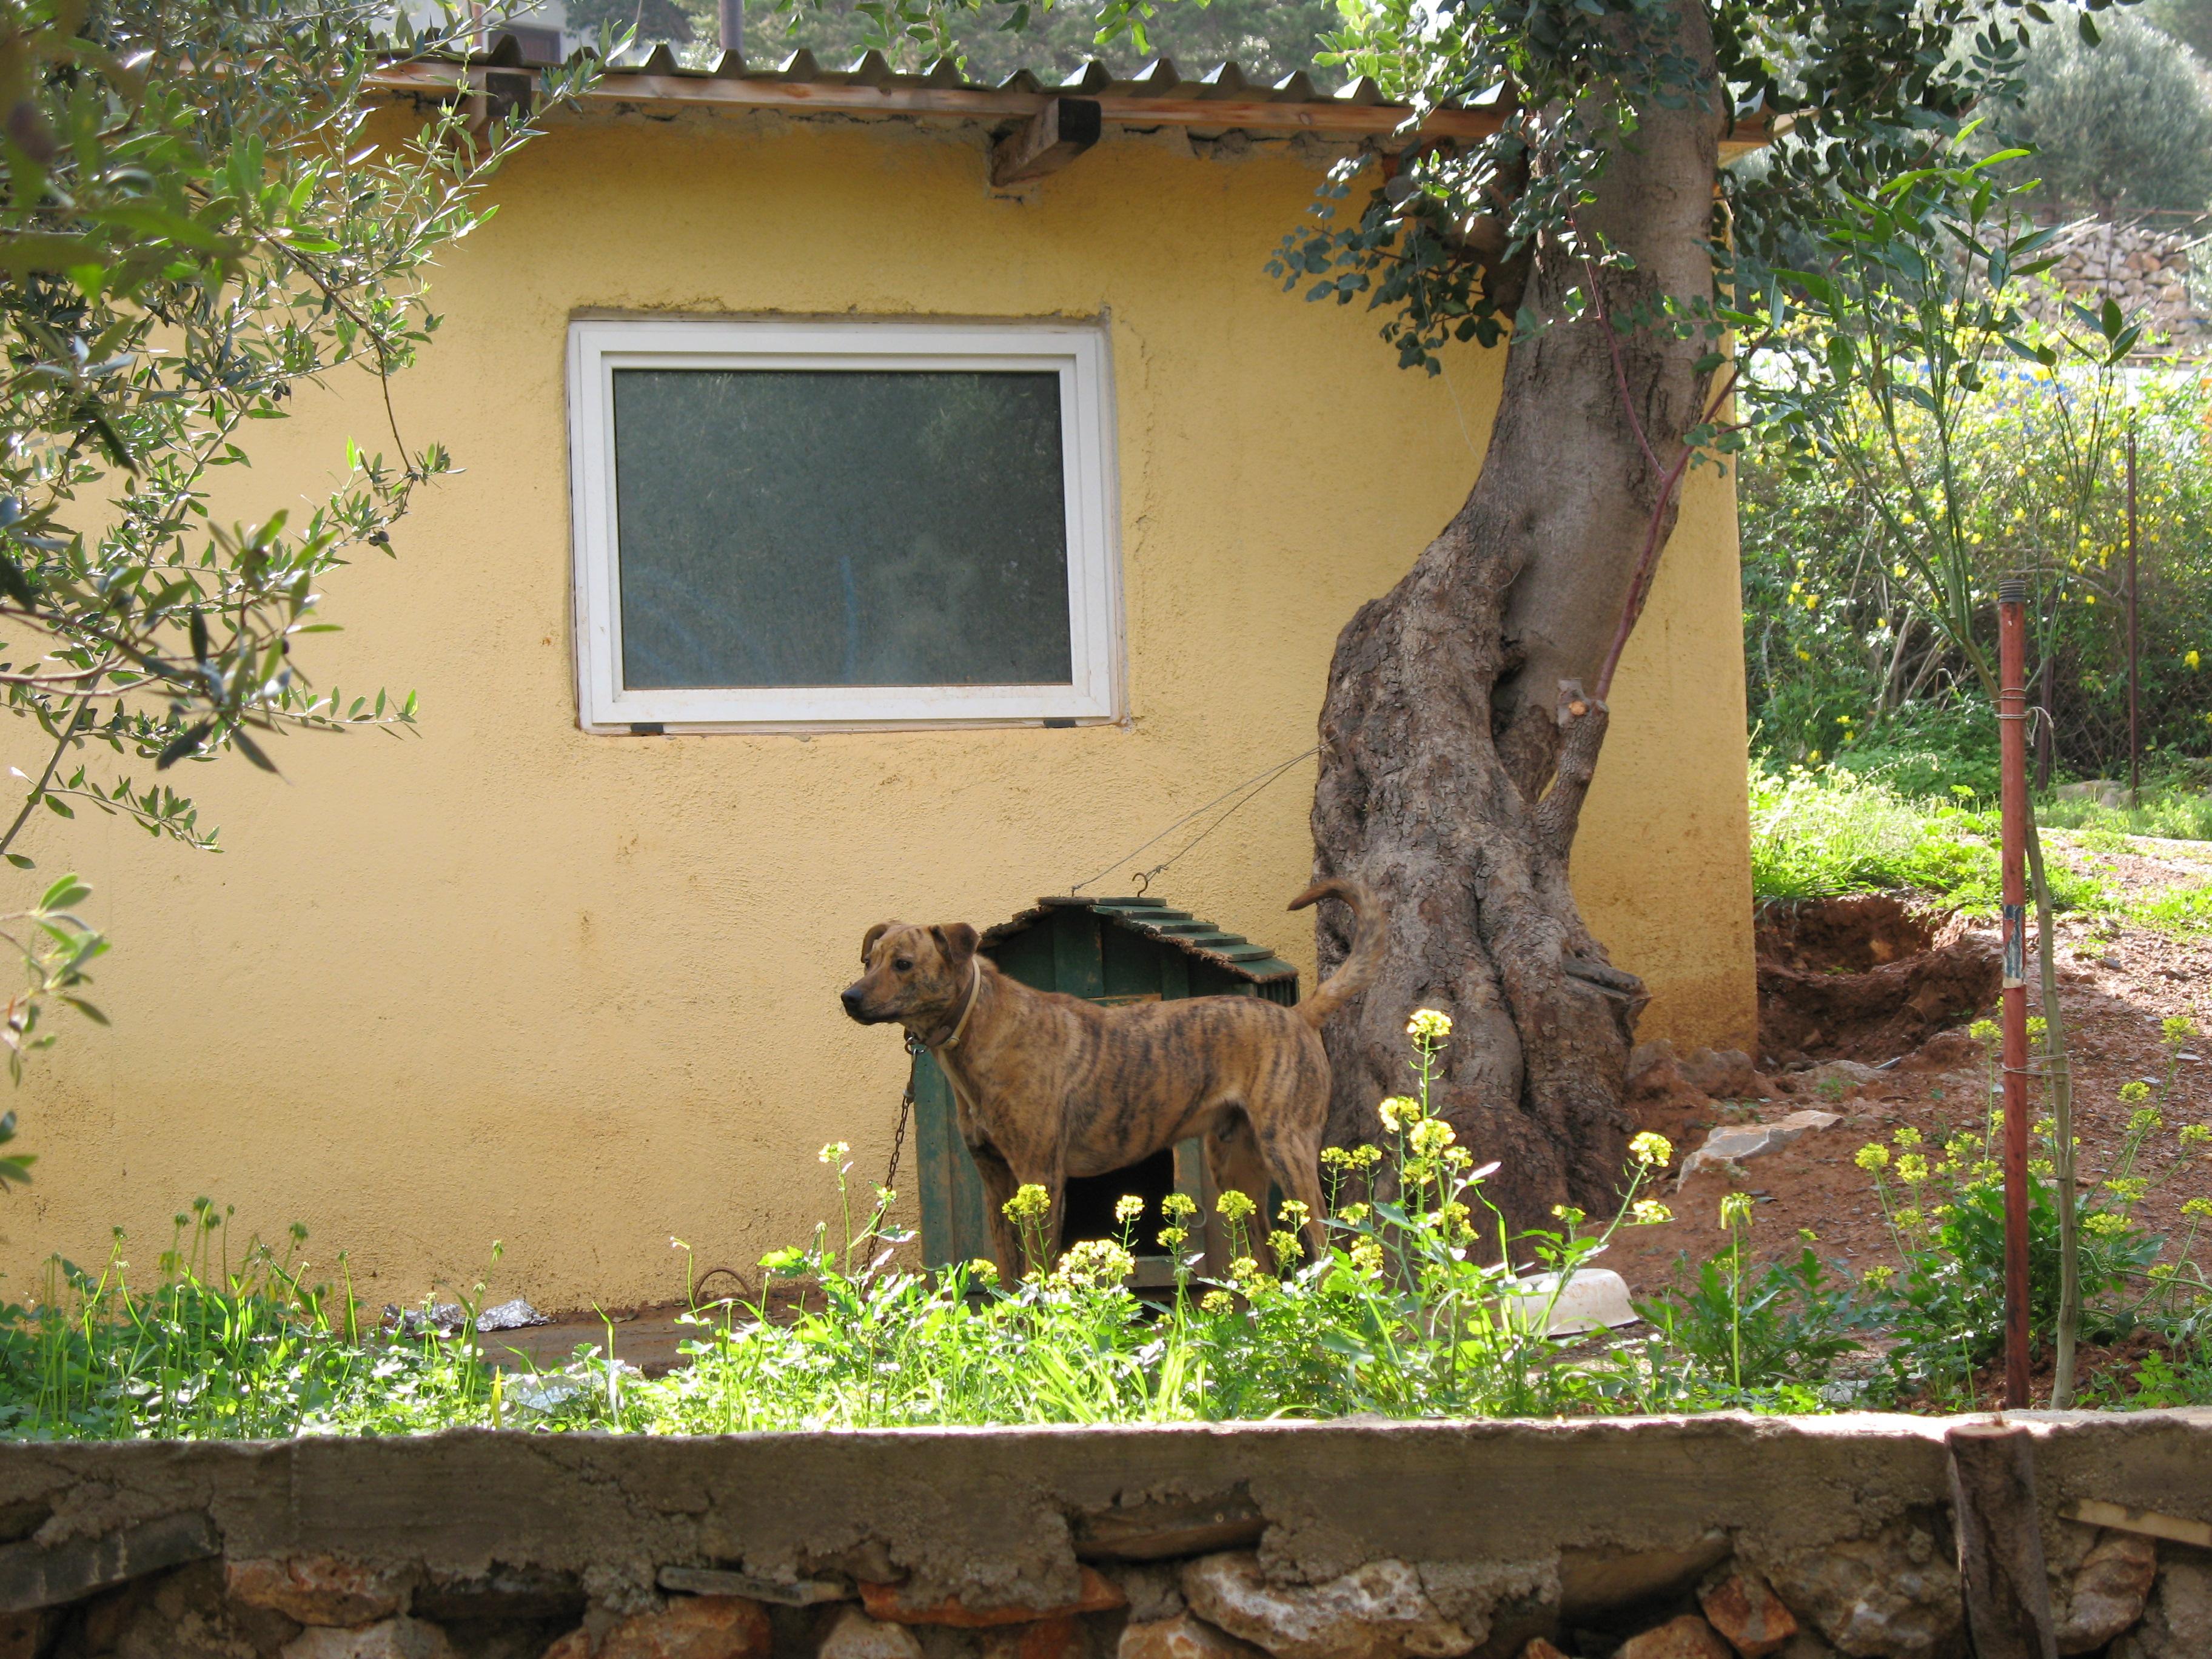 Критская гончая во дворе фото